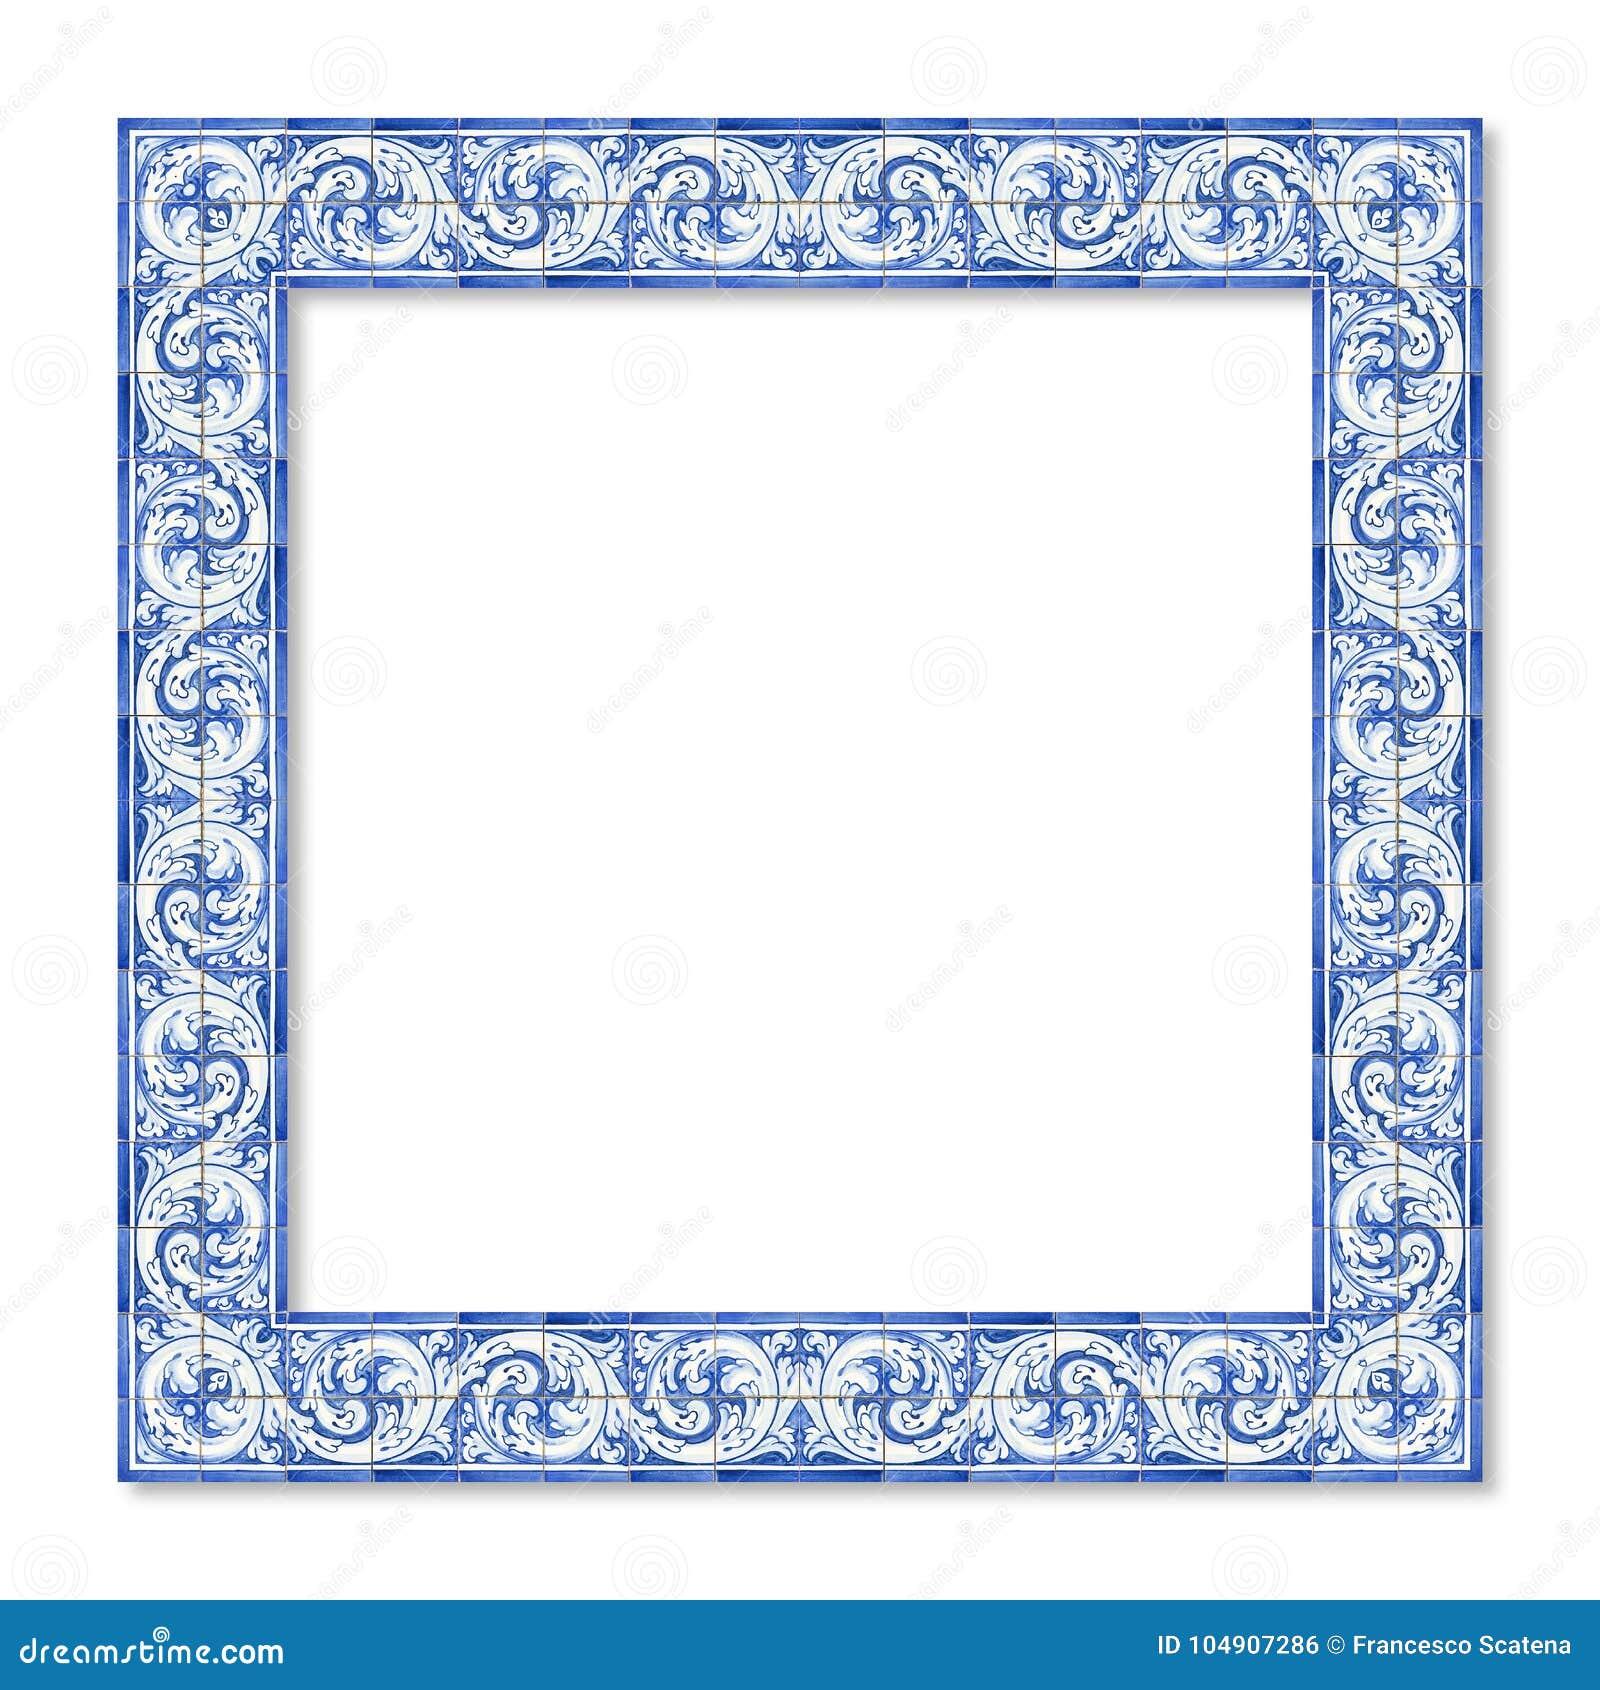 Felddesign mit den typischen portugiesischen Dekorationen genannt